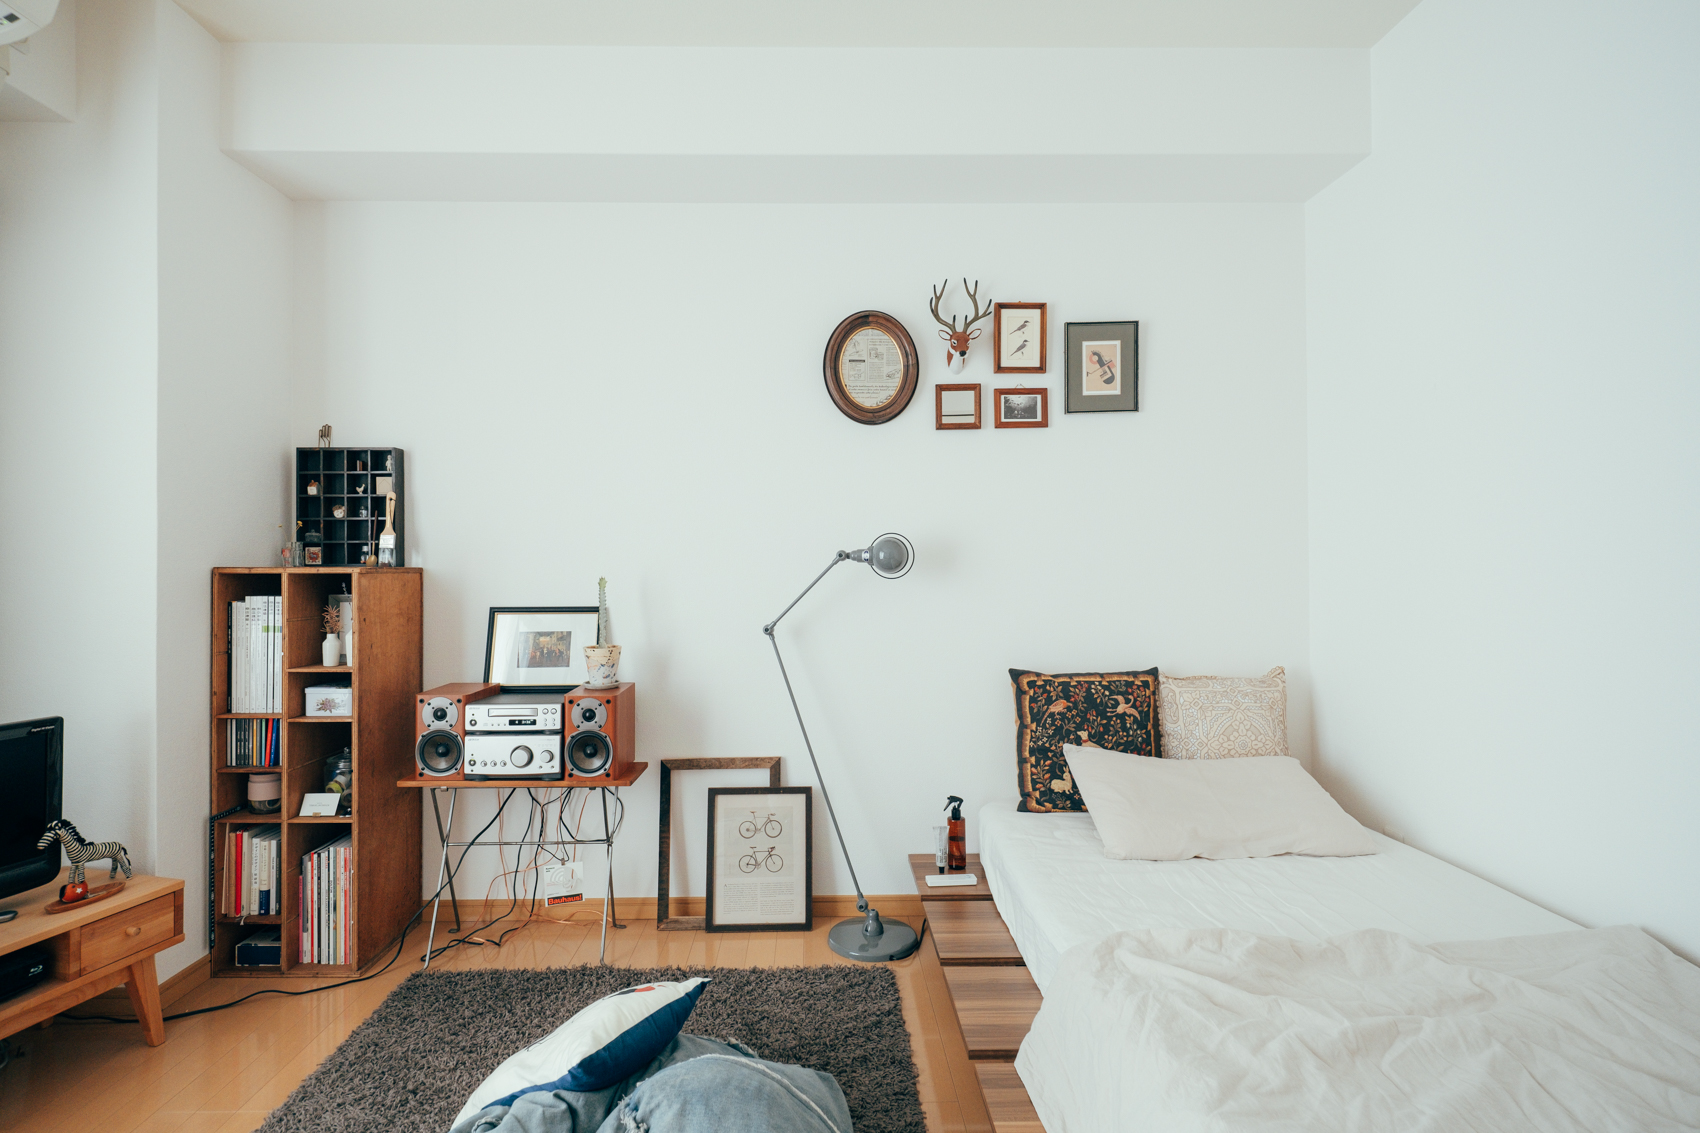 ベッドを低くしていると空間も広く感じられるのでオススメです。